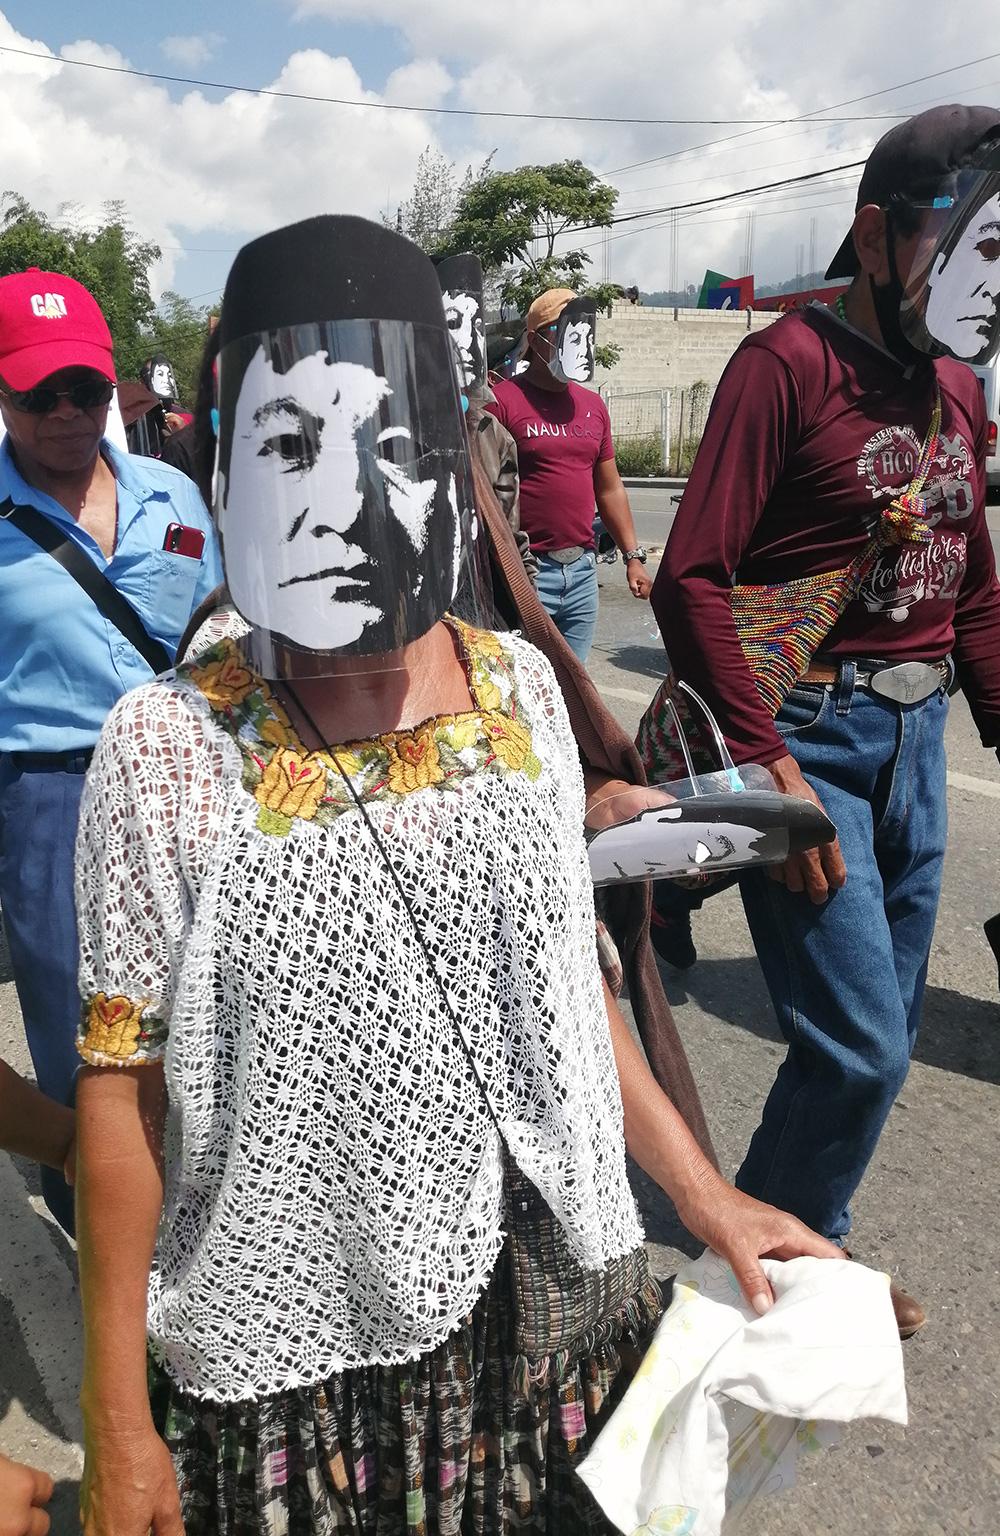 Campesinos protestan contra hidrelectricas y por la libertad de Bernardo. Foto: Edith López Ovalle